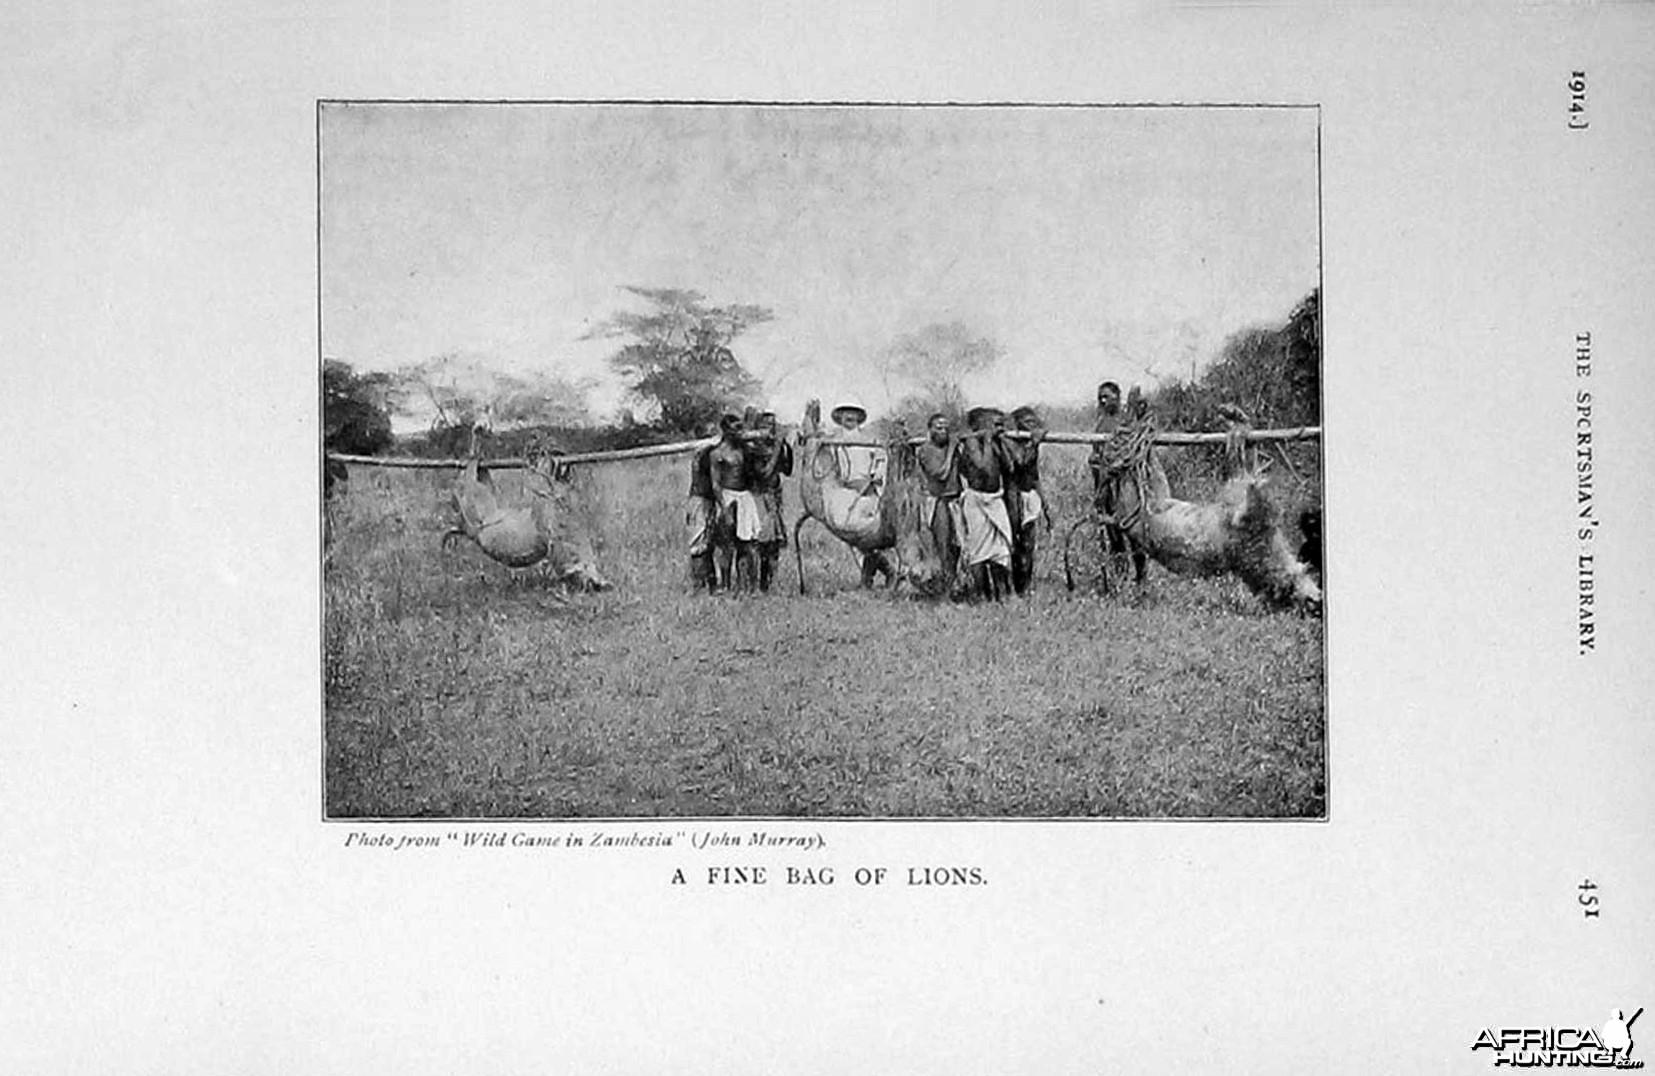 A fine bag of Lions